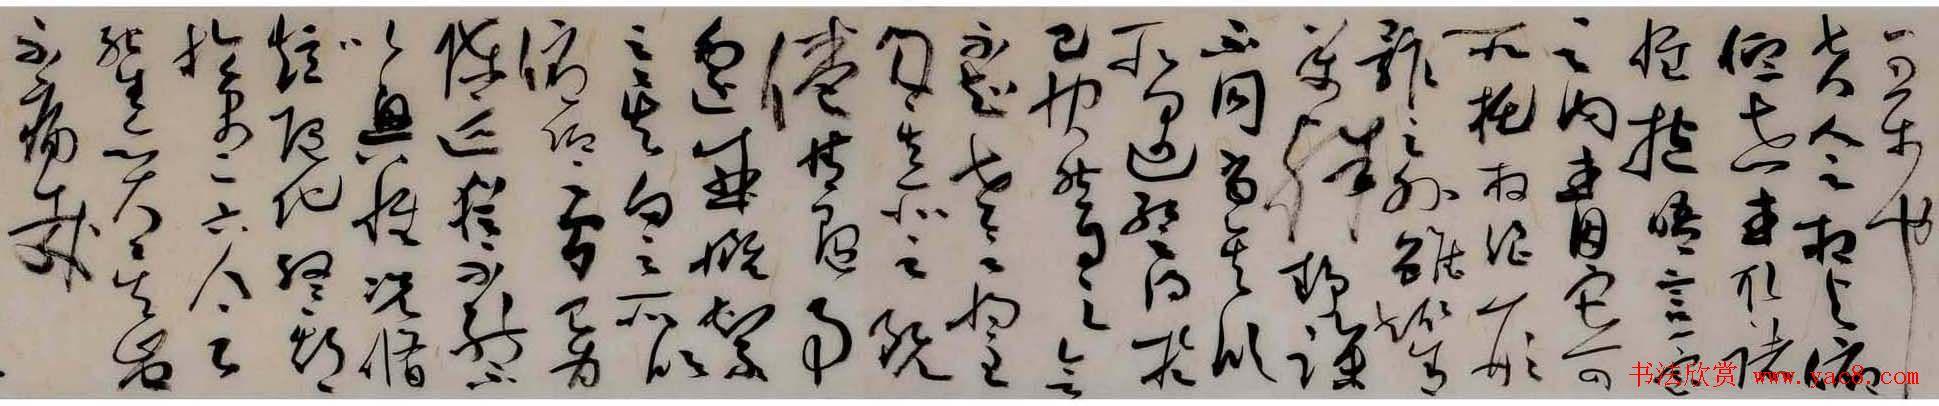 王乃勇草书作品兰亭序手卷